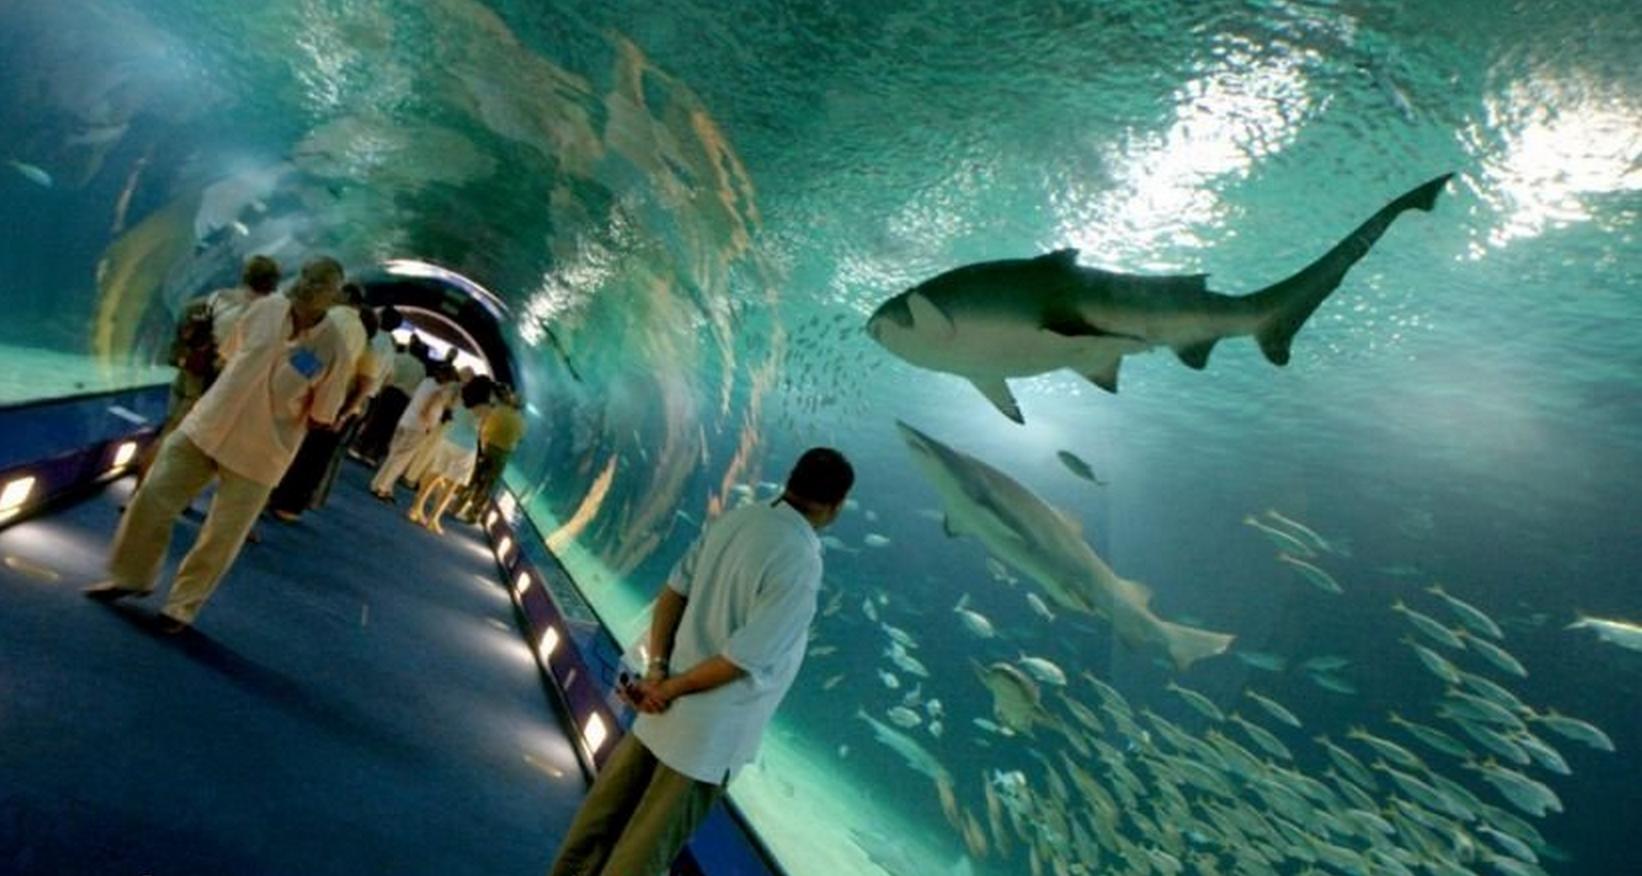 Especies de tiburones en oceanografic valencia for Acuario valencia precio